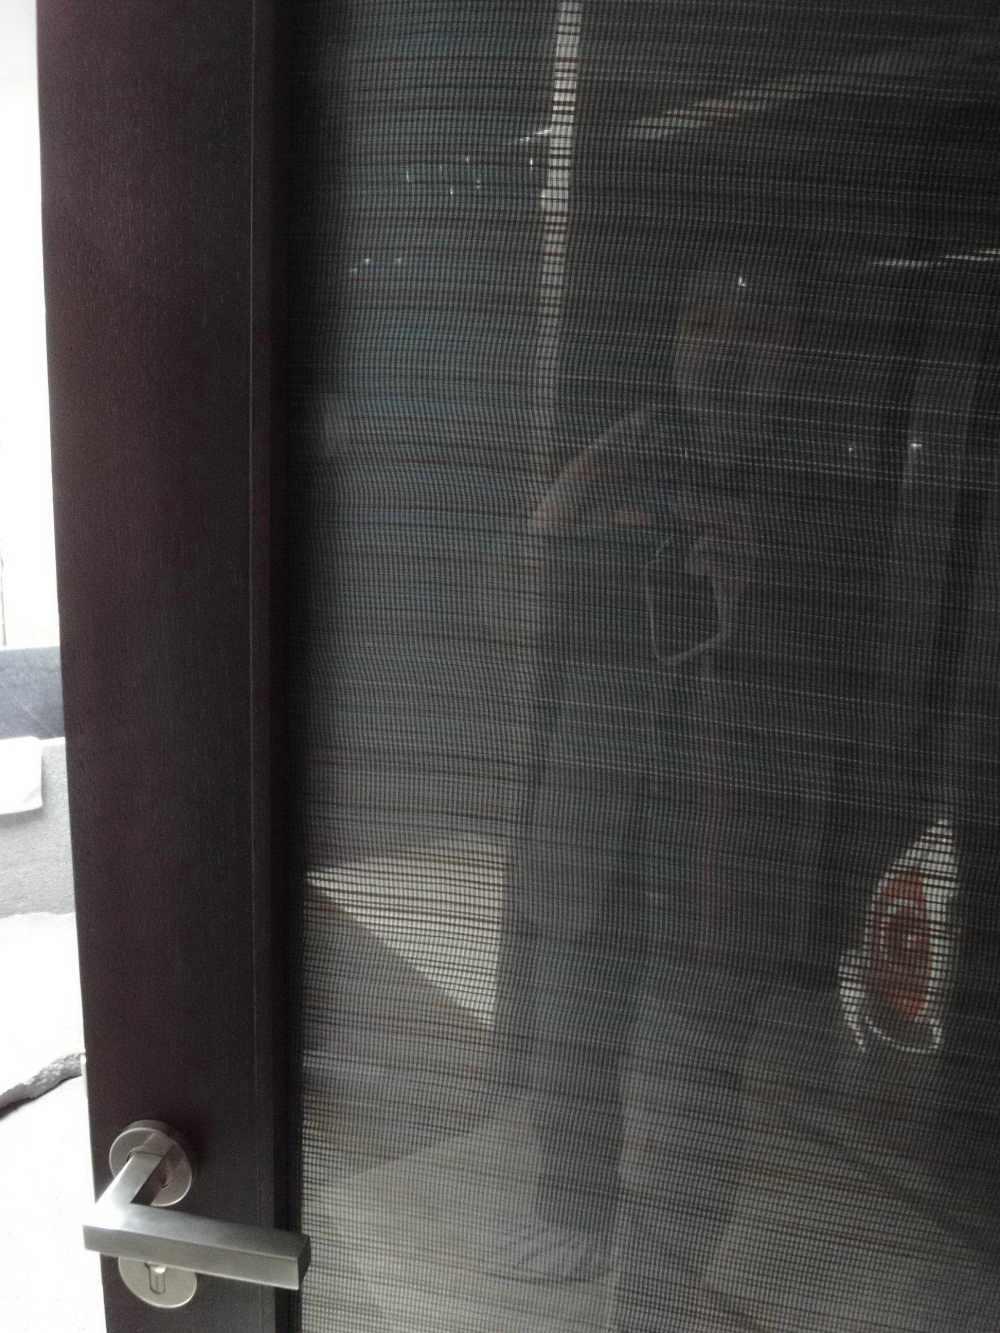 云南丽江铂尔曼渡假酒店--工地照片_DSC05191.jpg